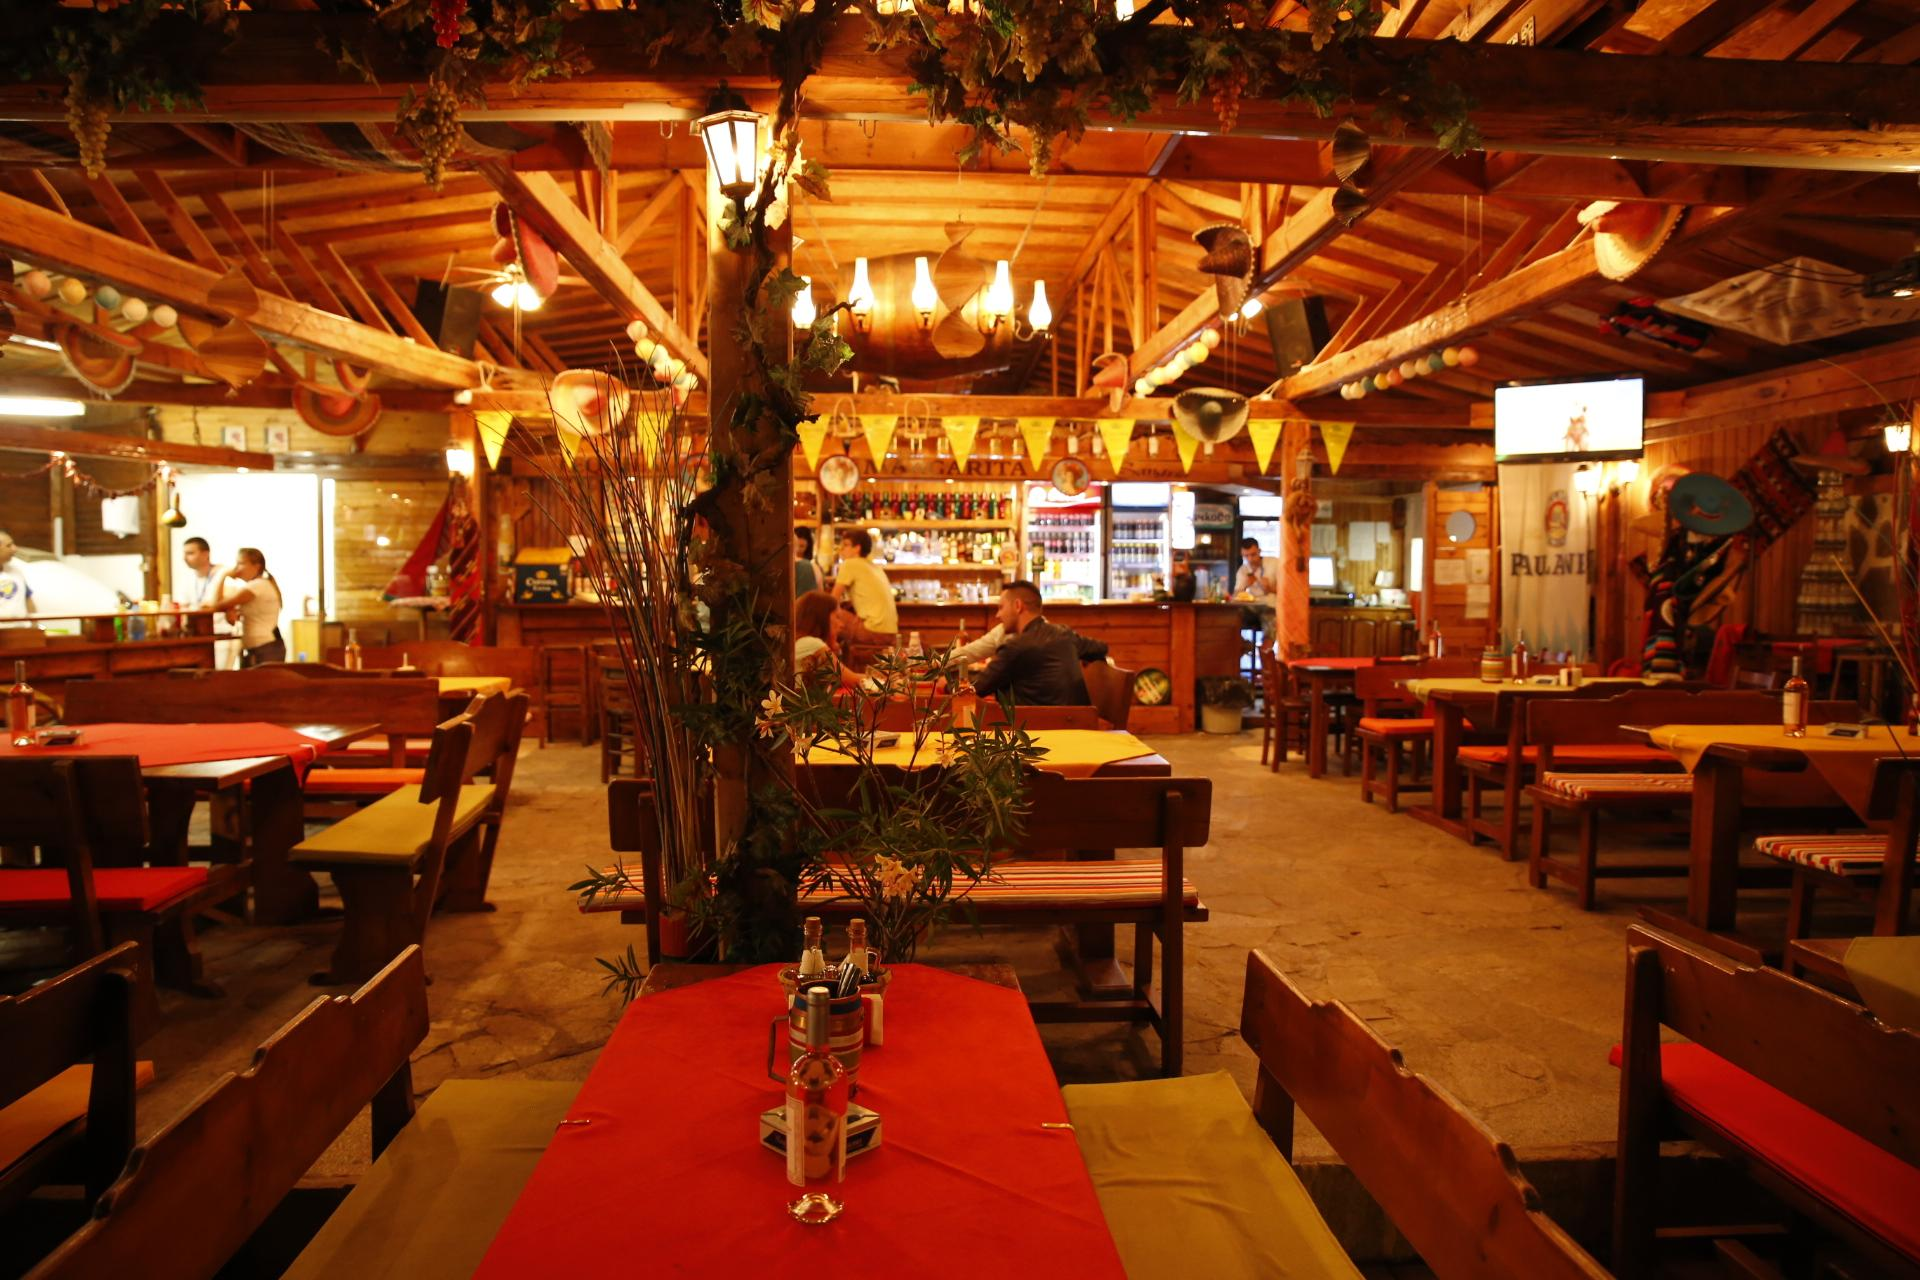 Guadalajara Mexican Food Restaurant